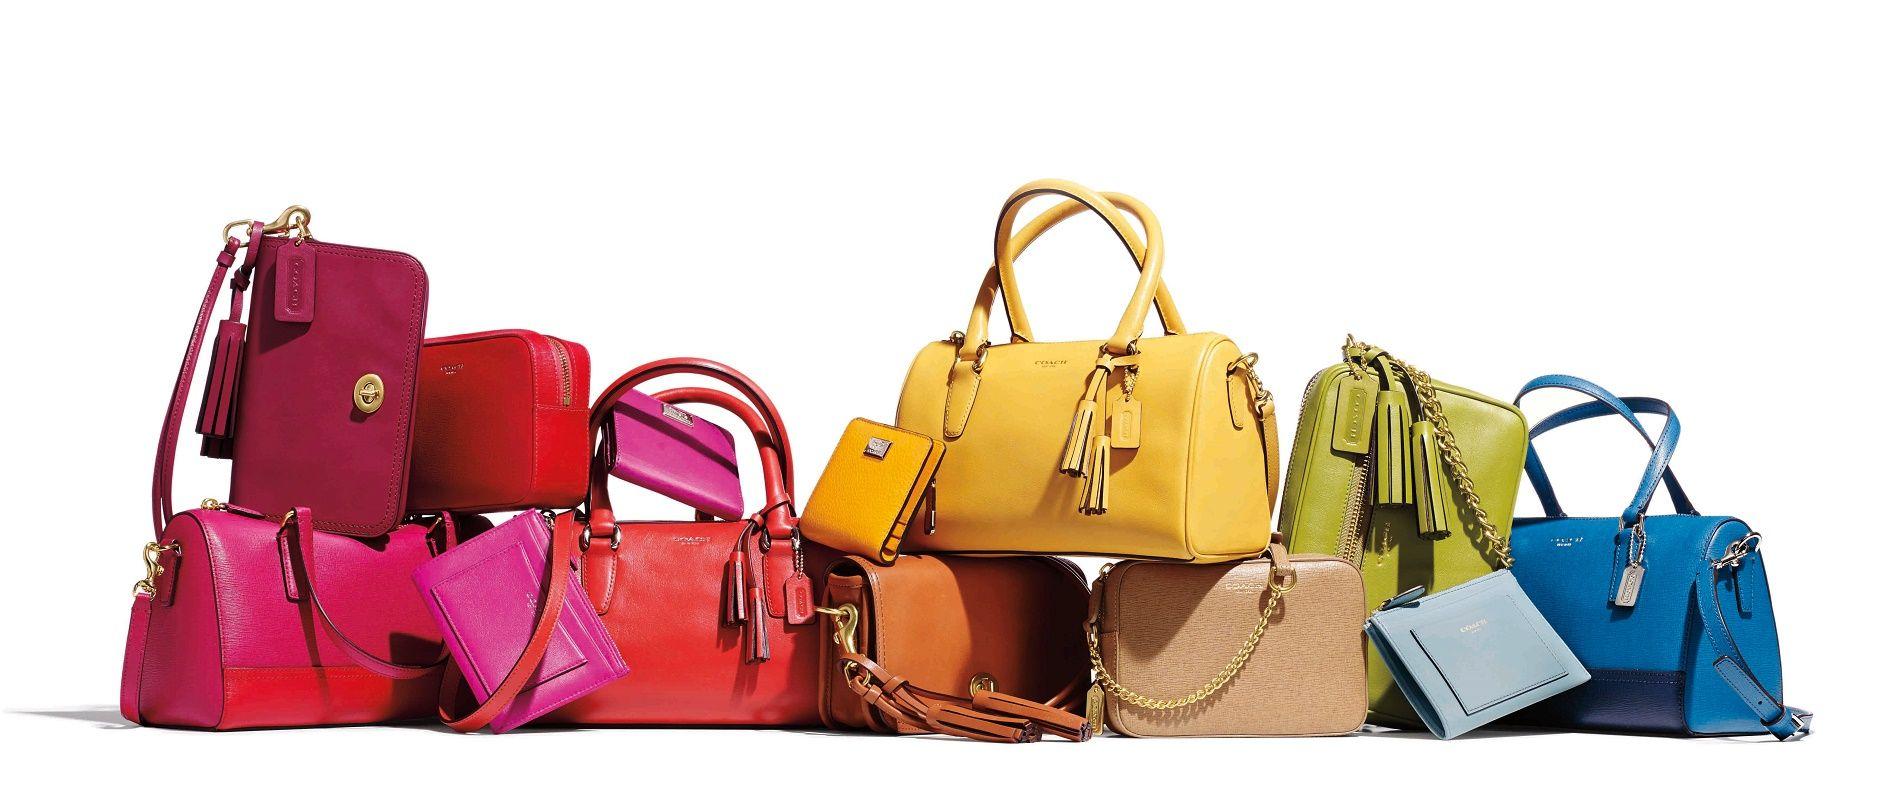 Come si chiamano le borse in base alla forma